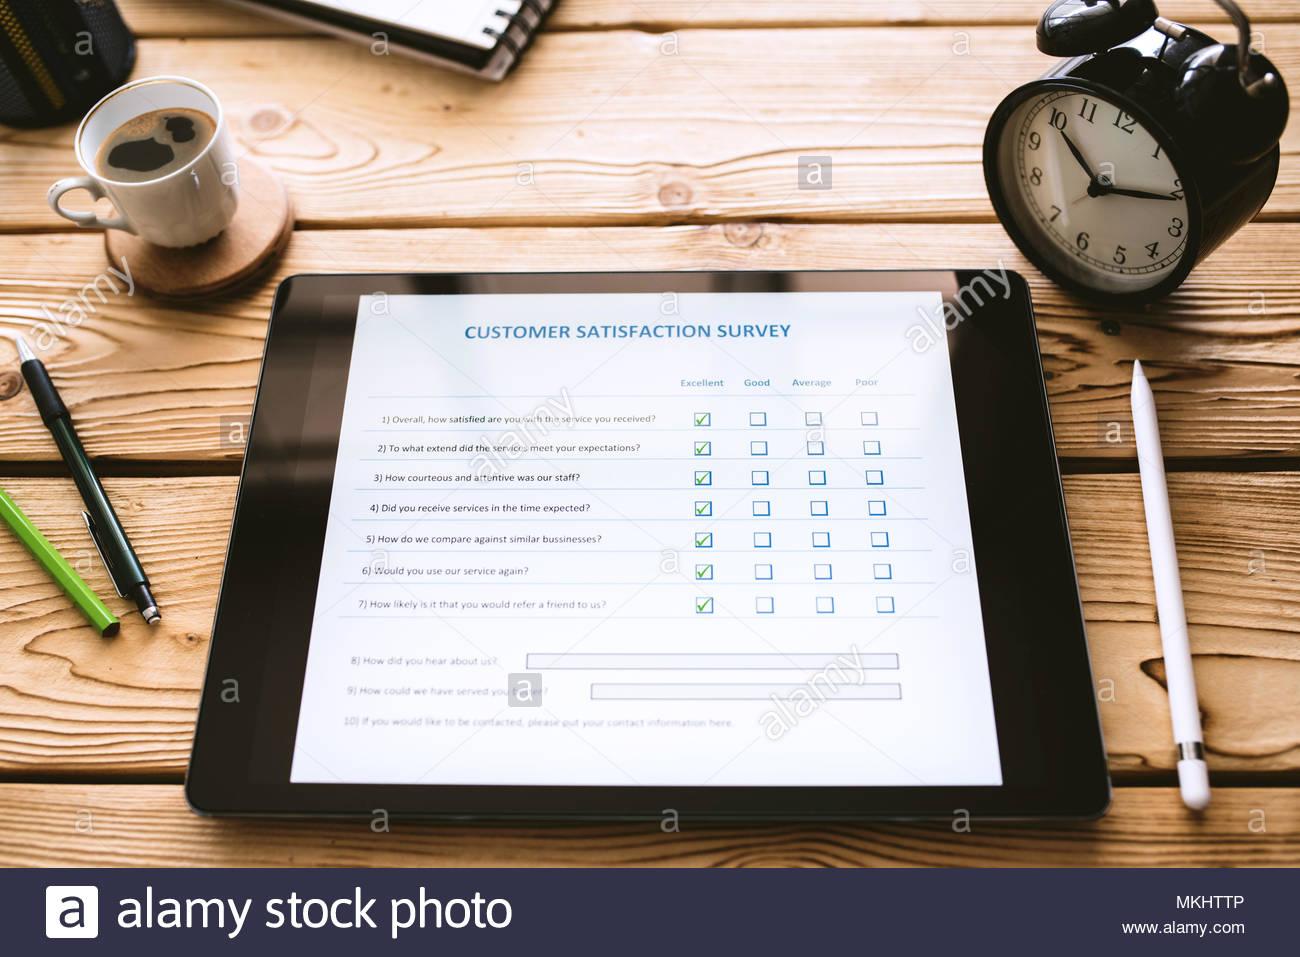 Kundenzufriedenheit elektronische Umfrage Konzept auf digitalen Tablet Bildschirm Stockbild